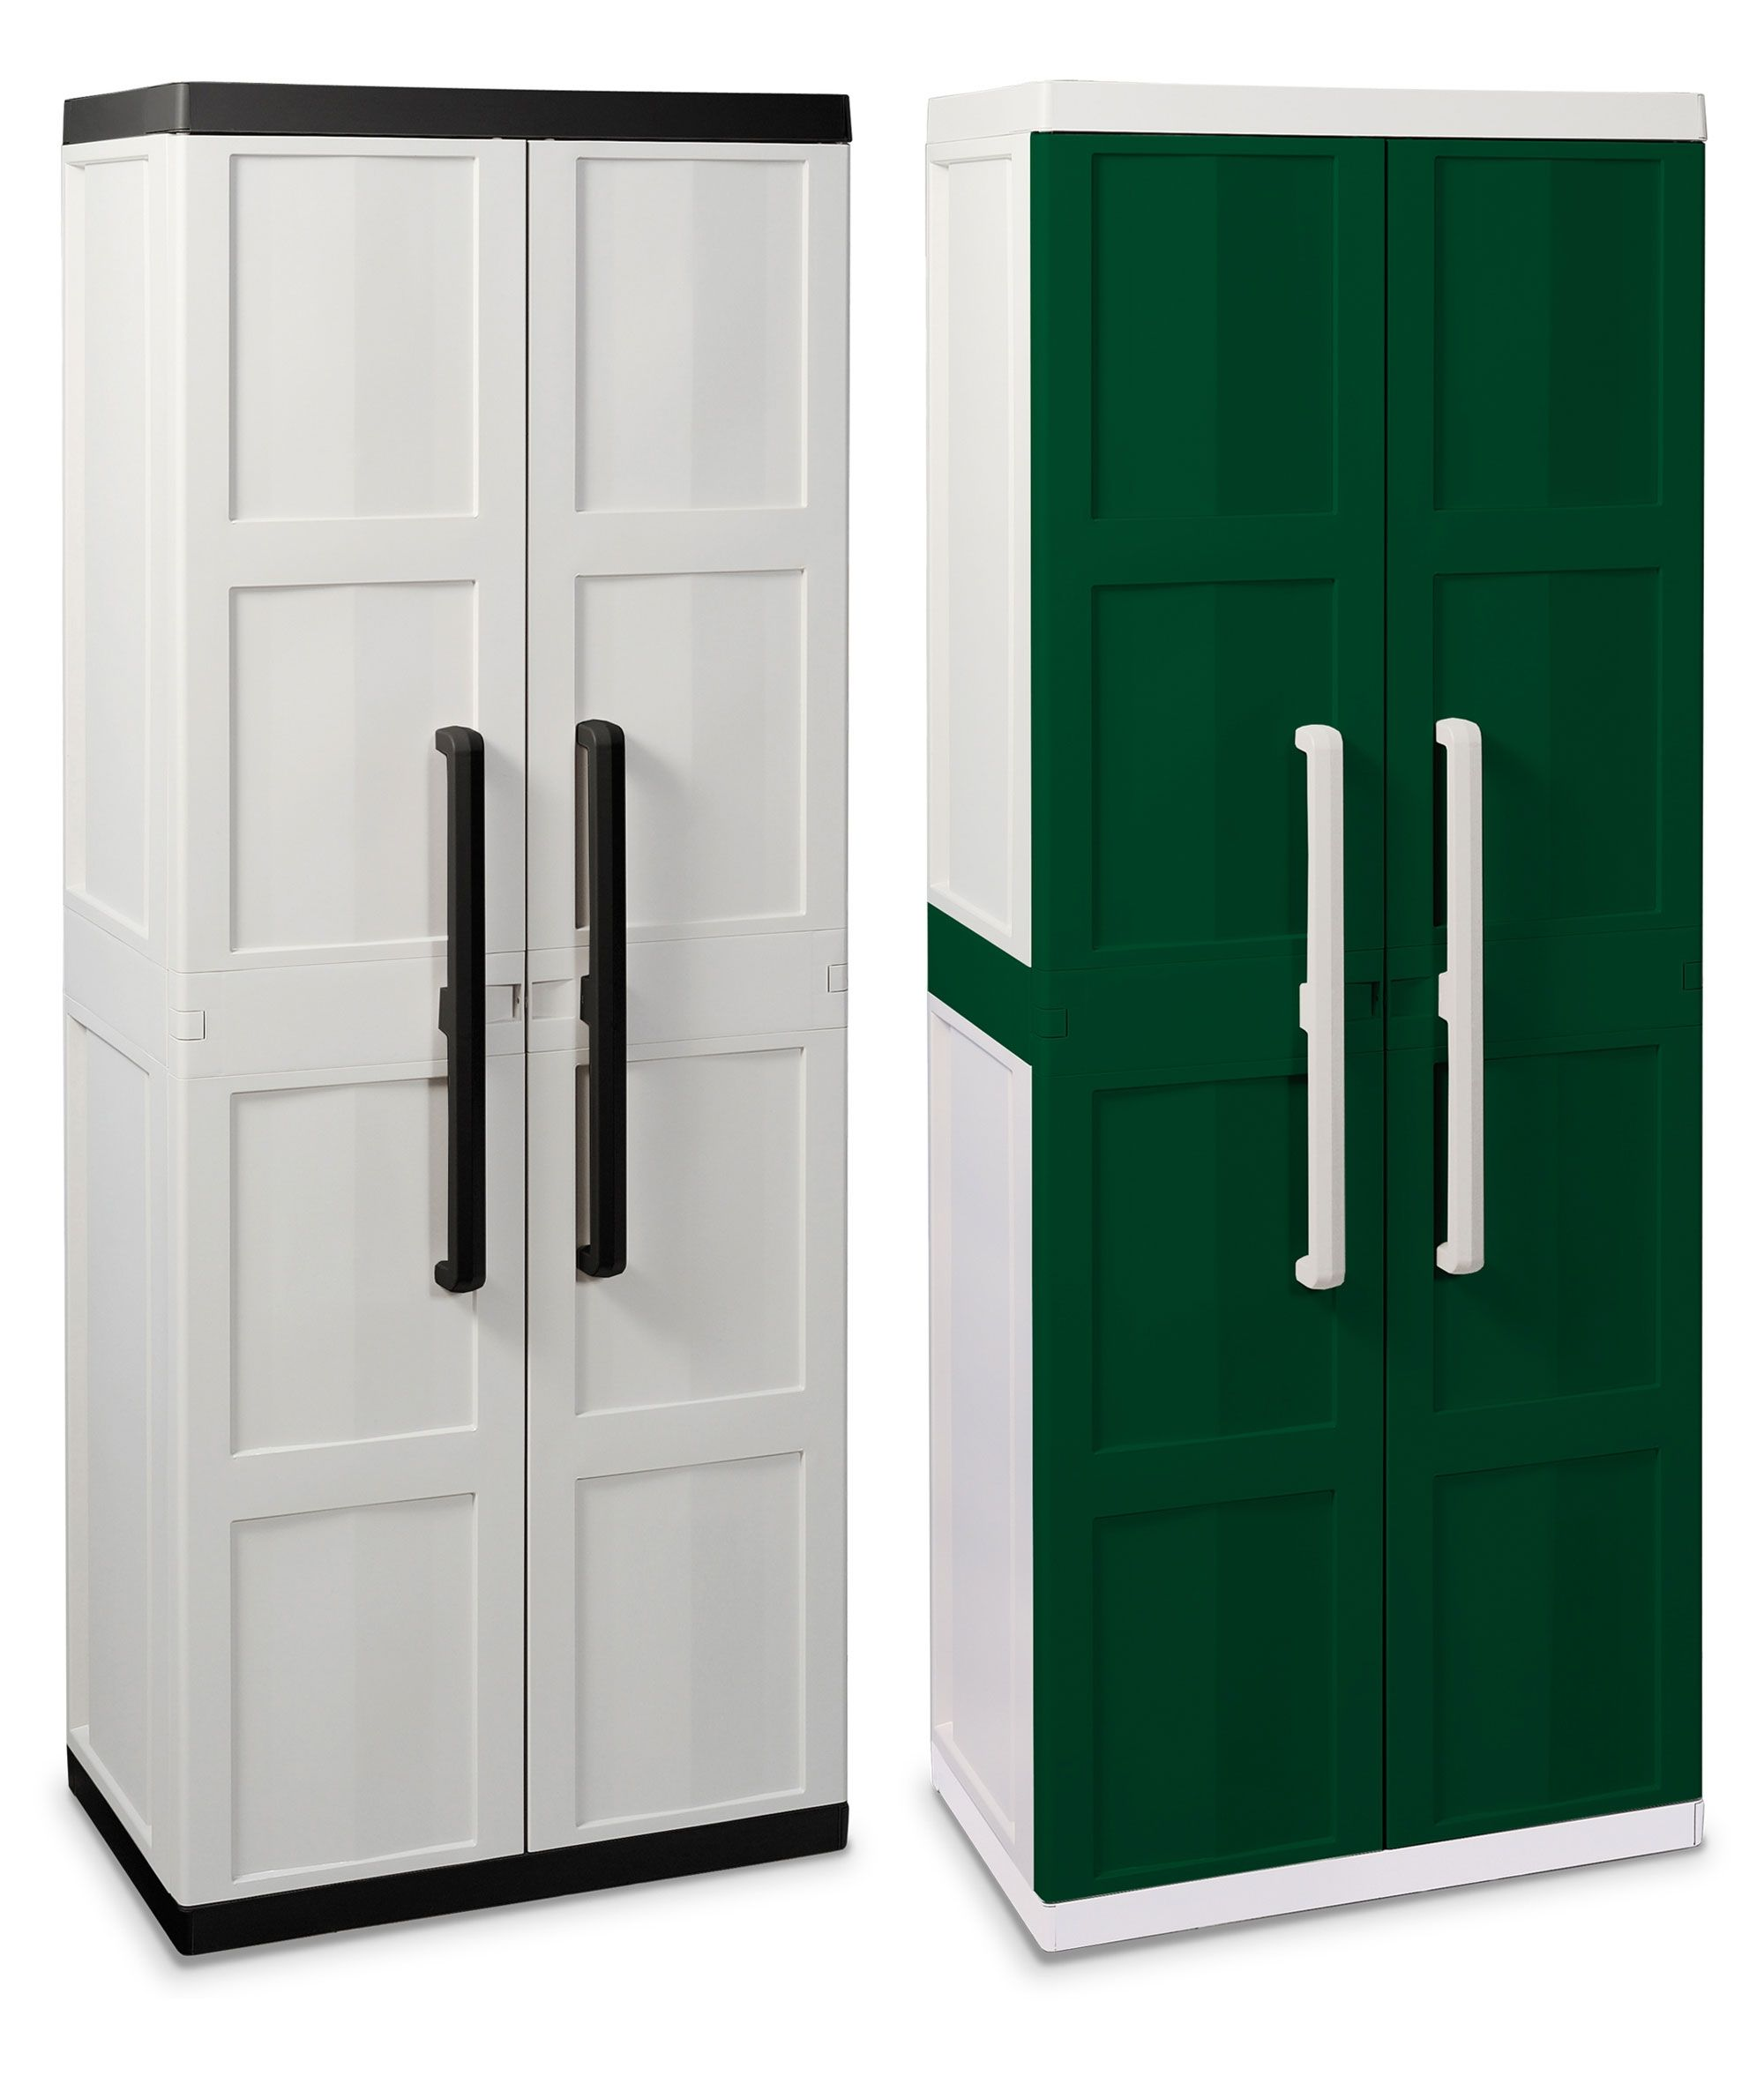 Cupboard Storage Cabinet With Doors Plastic